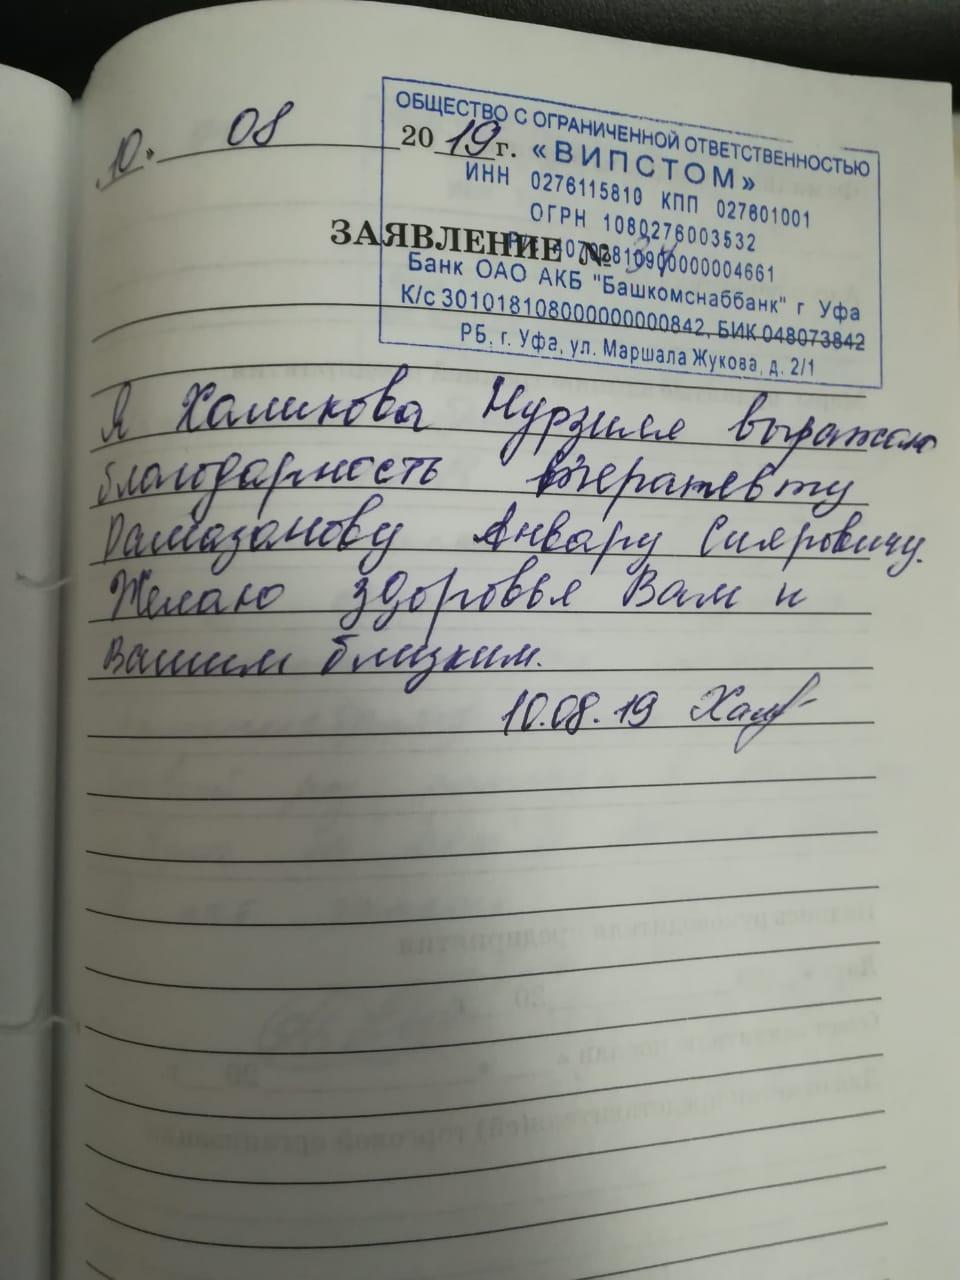 Халикова Нурзиля